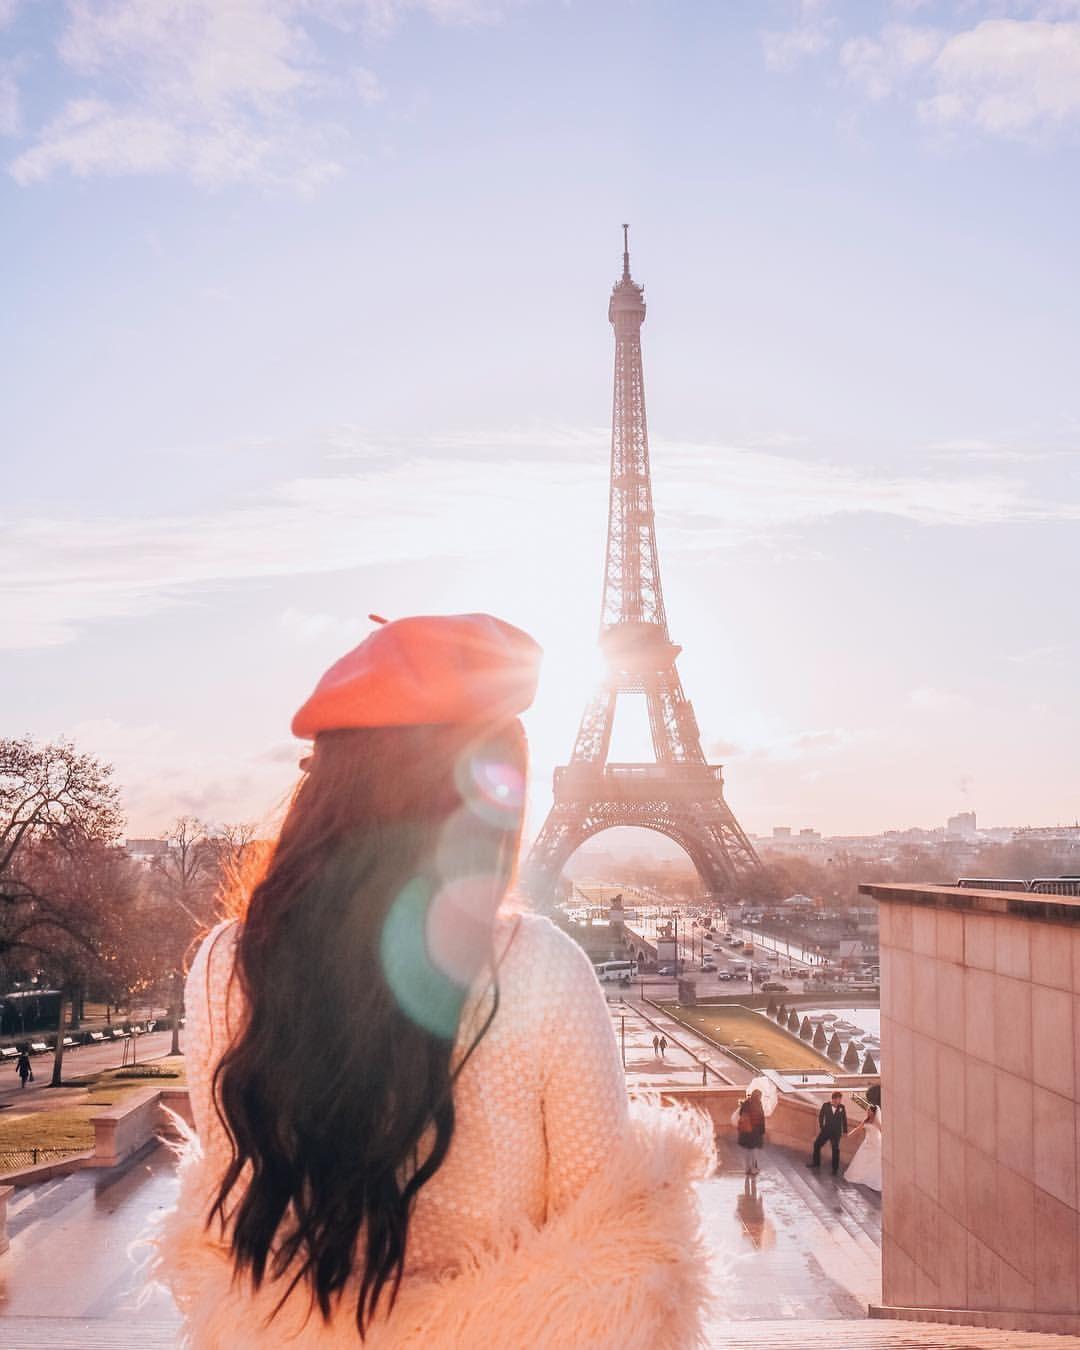 FranceTravels | Idées de photos instagram, Instagram, Photos